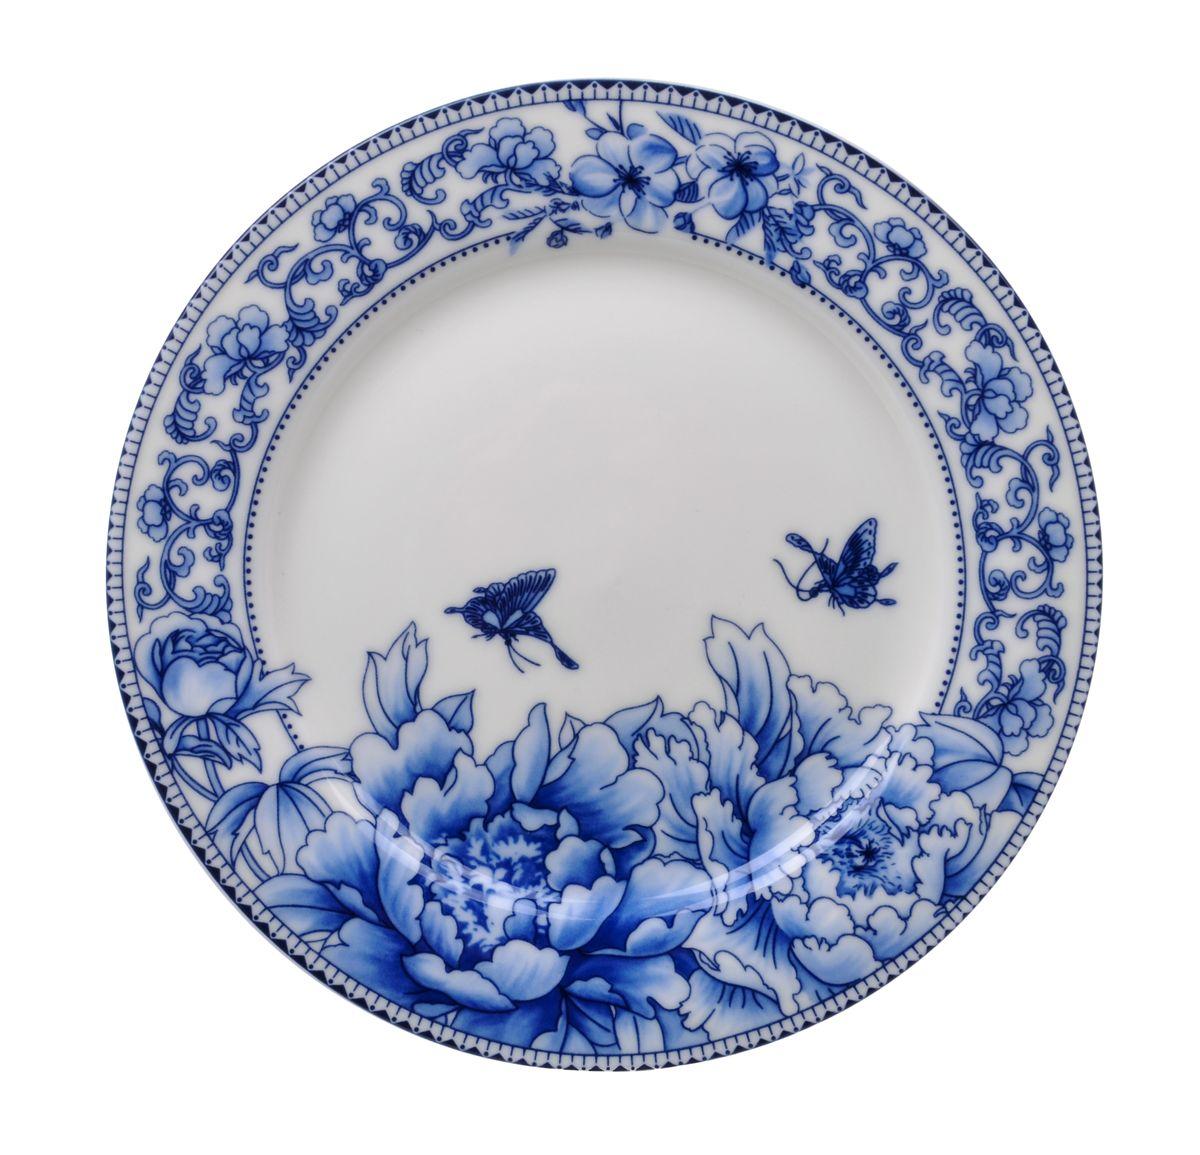 Тарелка десертная Nanshan Porcelain Наньшань, диаметр 19 смVT-1520(SR)Тарелка десертная Nanshan Porcelain Наньшань изготовлена из высококачественной керамики. Предназначена для красивой подачи различных блюд. Изделие украшено ярким рисунком. Такая тарелка украсит сервировку стола и подчеркнет прекрасный вкус хозяйки.Можно мыть в посудомоечной машине и использовать в микроволновой печи. Диаметр: 19 см.Высота: 1,5 см.